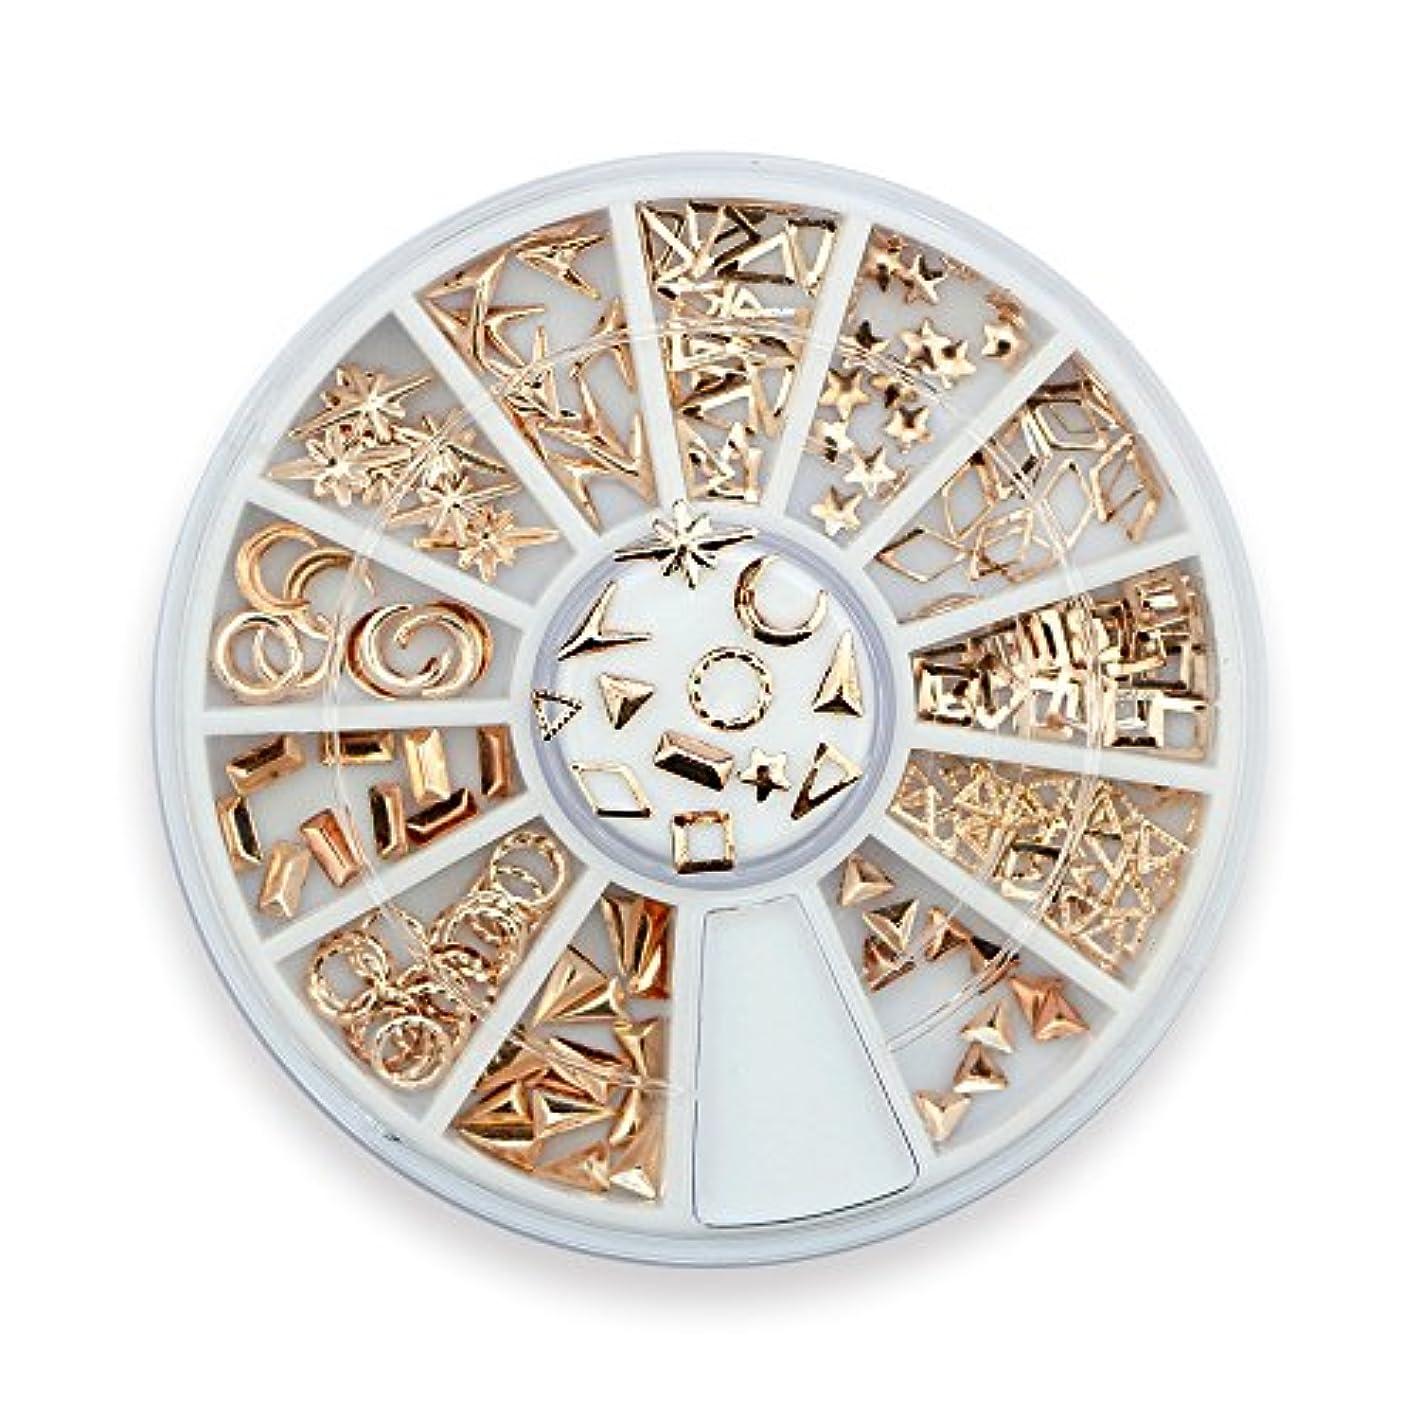 に関して入学するトーストTakarafune ネイルアート ネイル パーツ ローズゴールド メタルスタッズ セットビジュー ジェルネイル 3Dネイルデコレーション 12種類